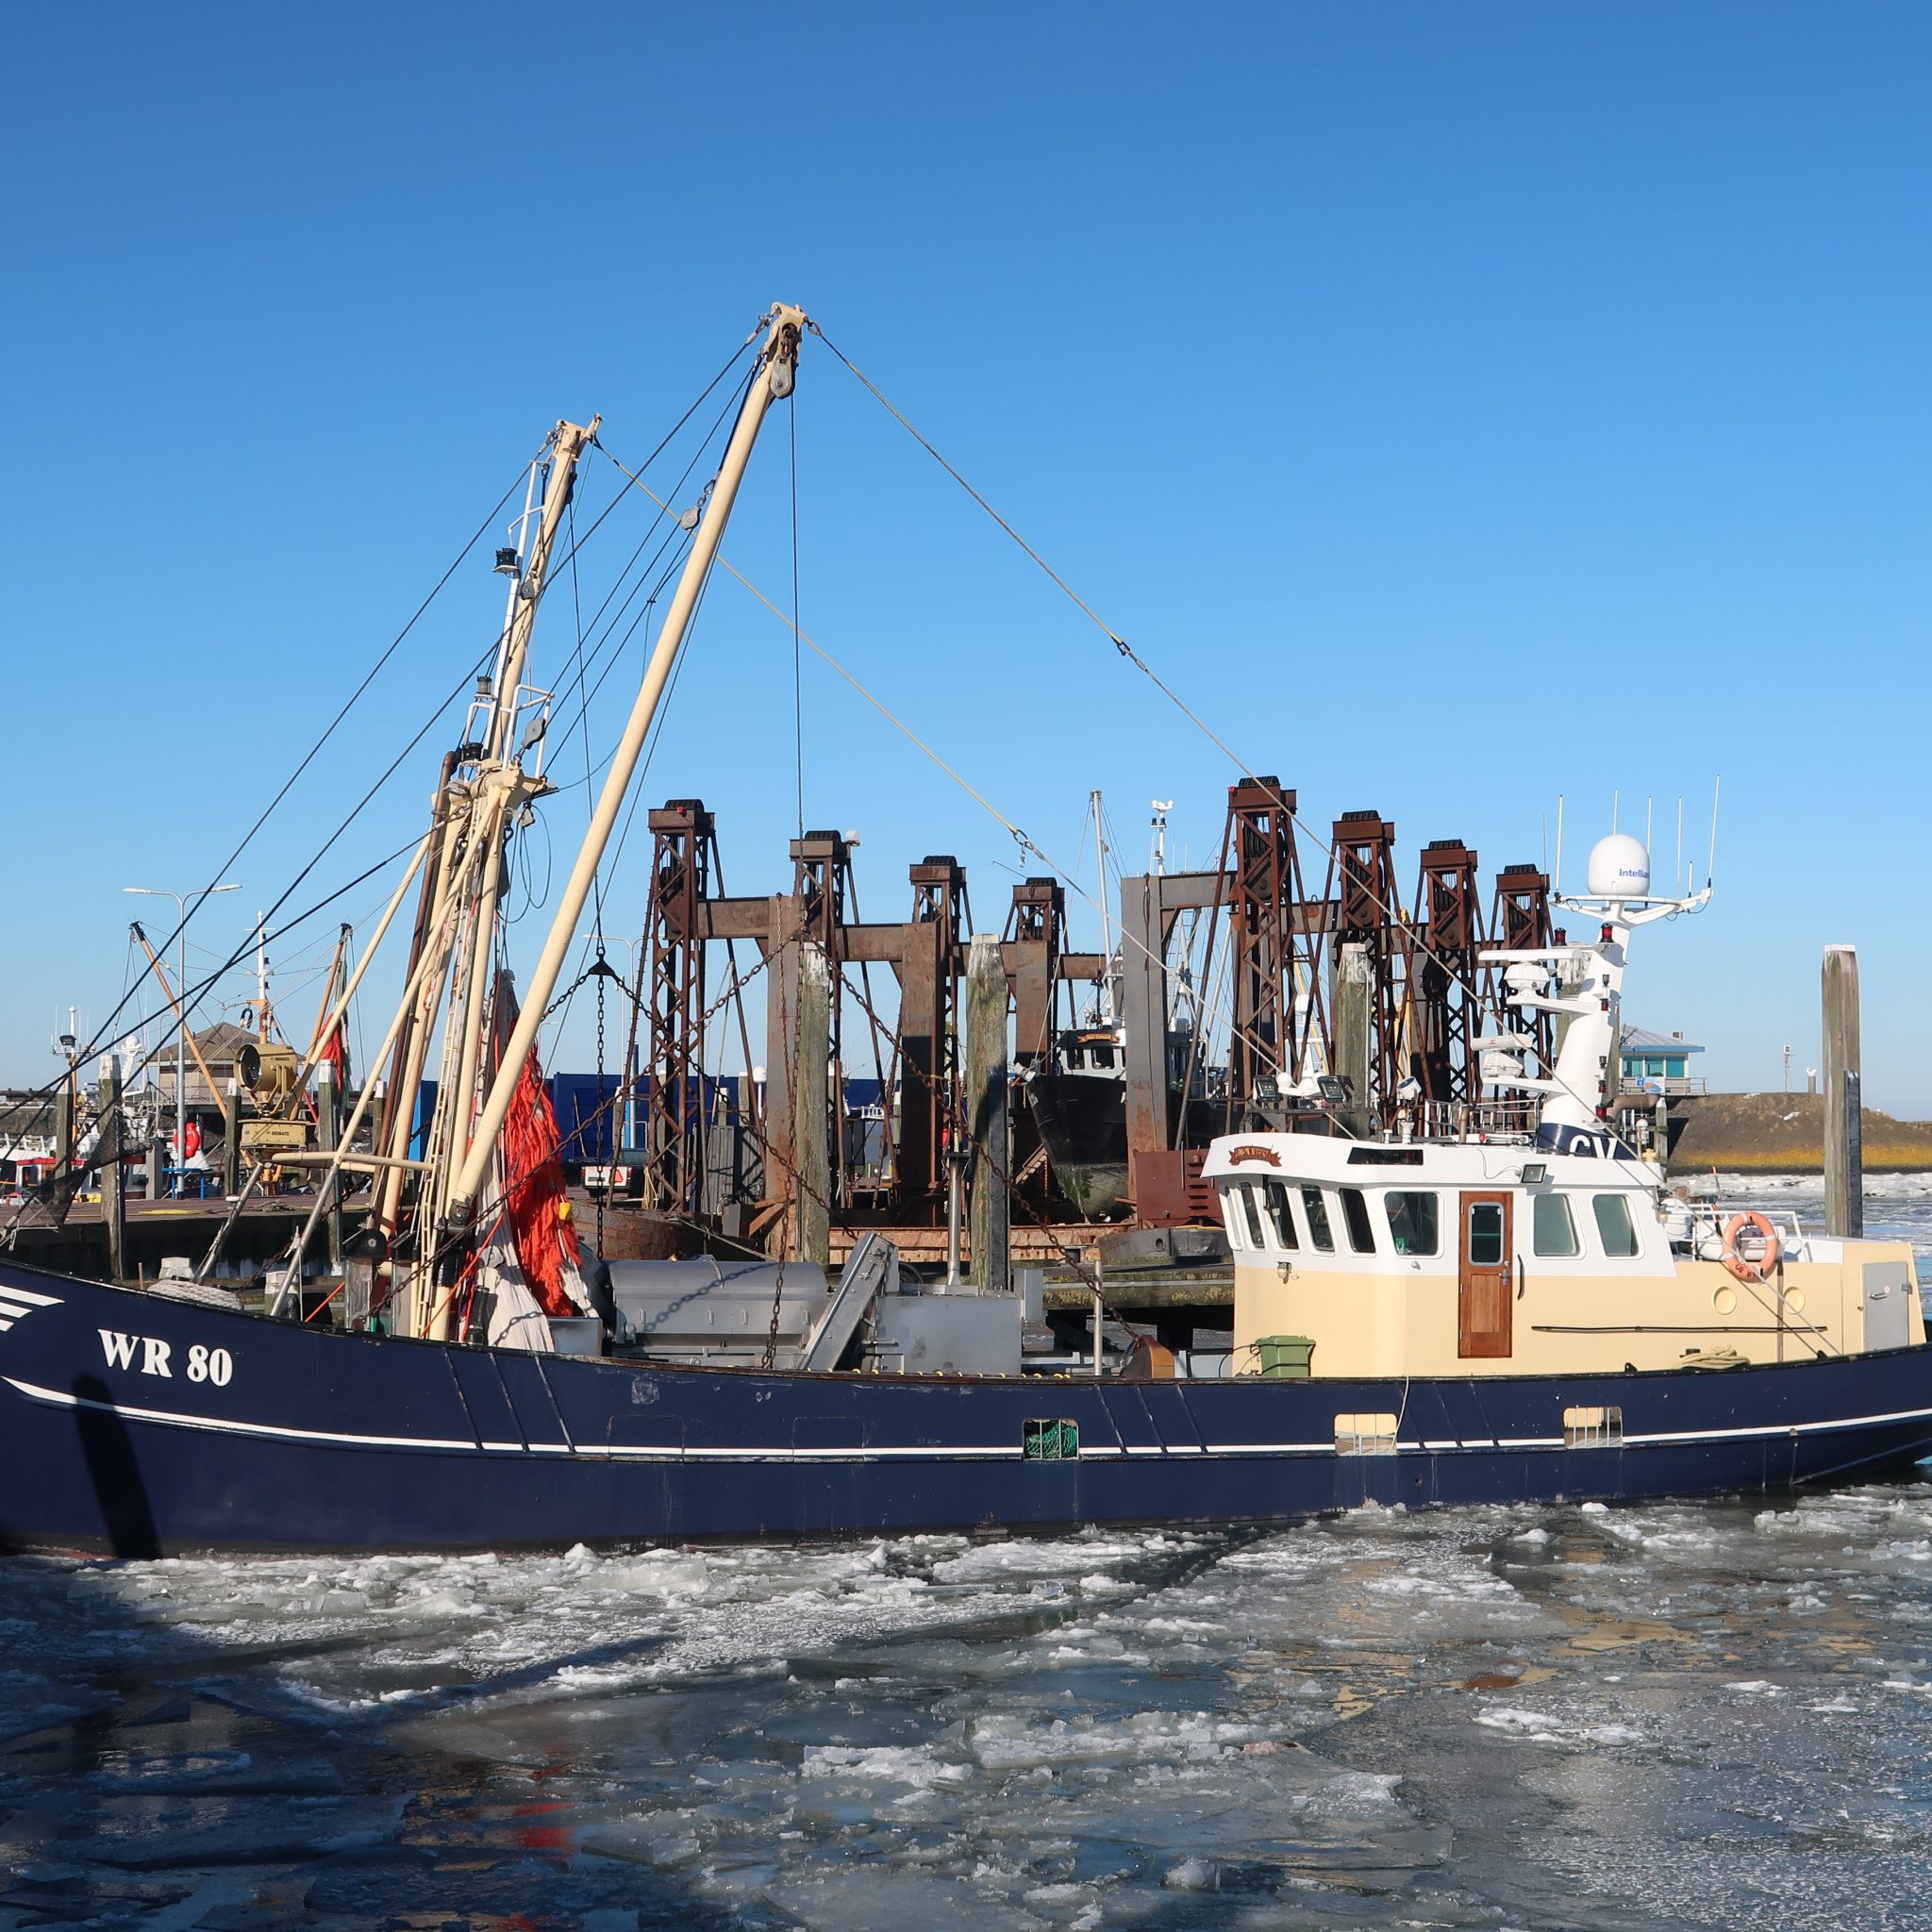 Op de foto ligt de WR-80 als enige aan de loskade van de visafslag van Den Oever. (foto W.M. den Heijer)